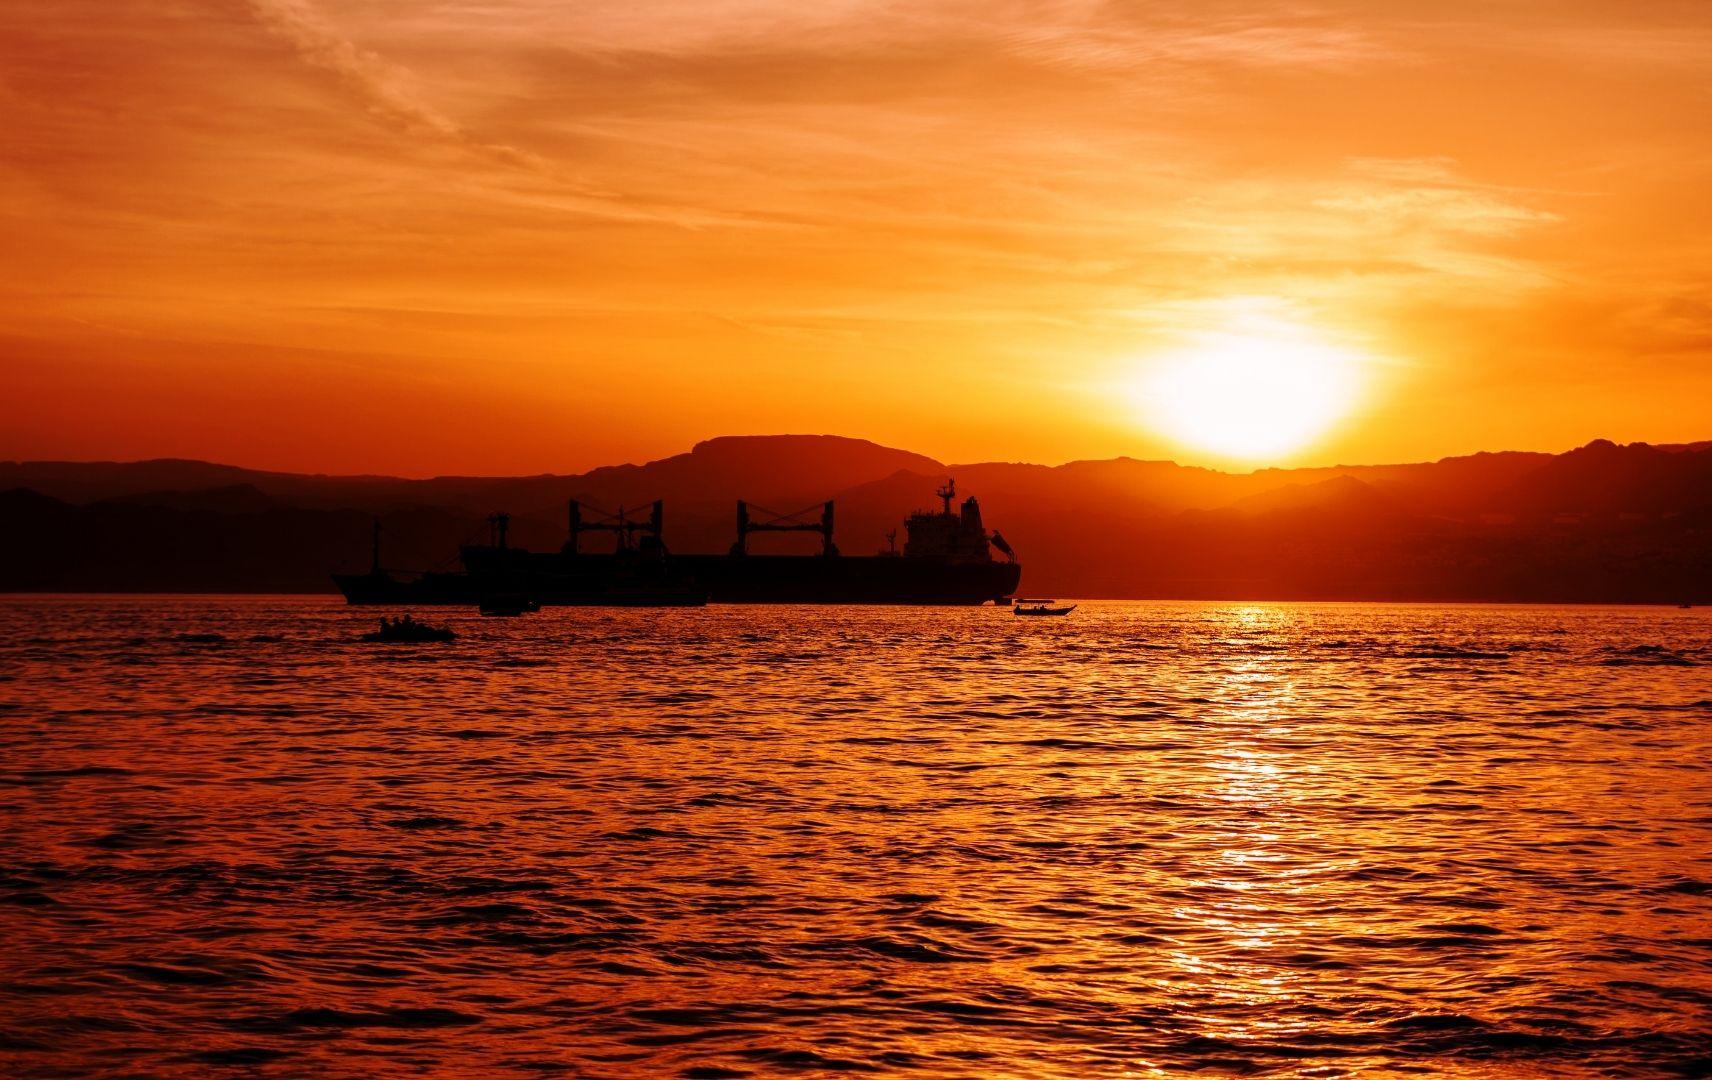 Sonnenuntergang Schiff auf Meer